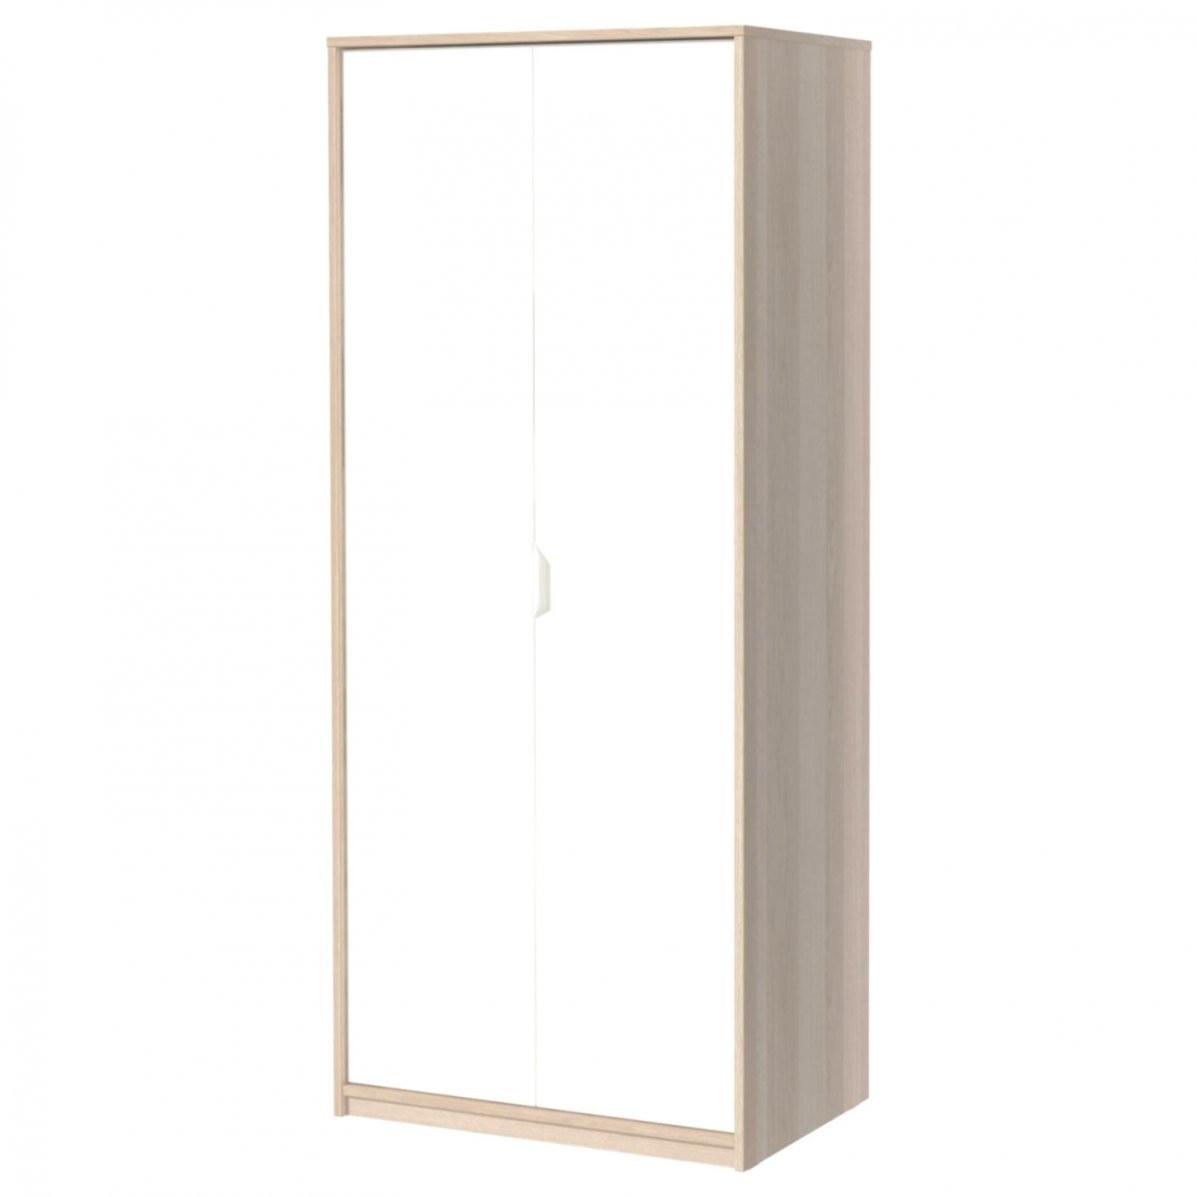 Ikea Schrank 60 X 60 Kleiderschrank 60 Cm Breit – Accminternacional von Kleiderschrank 60 Cm Breit Bild